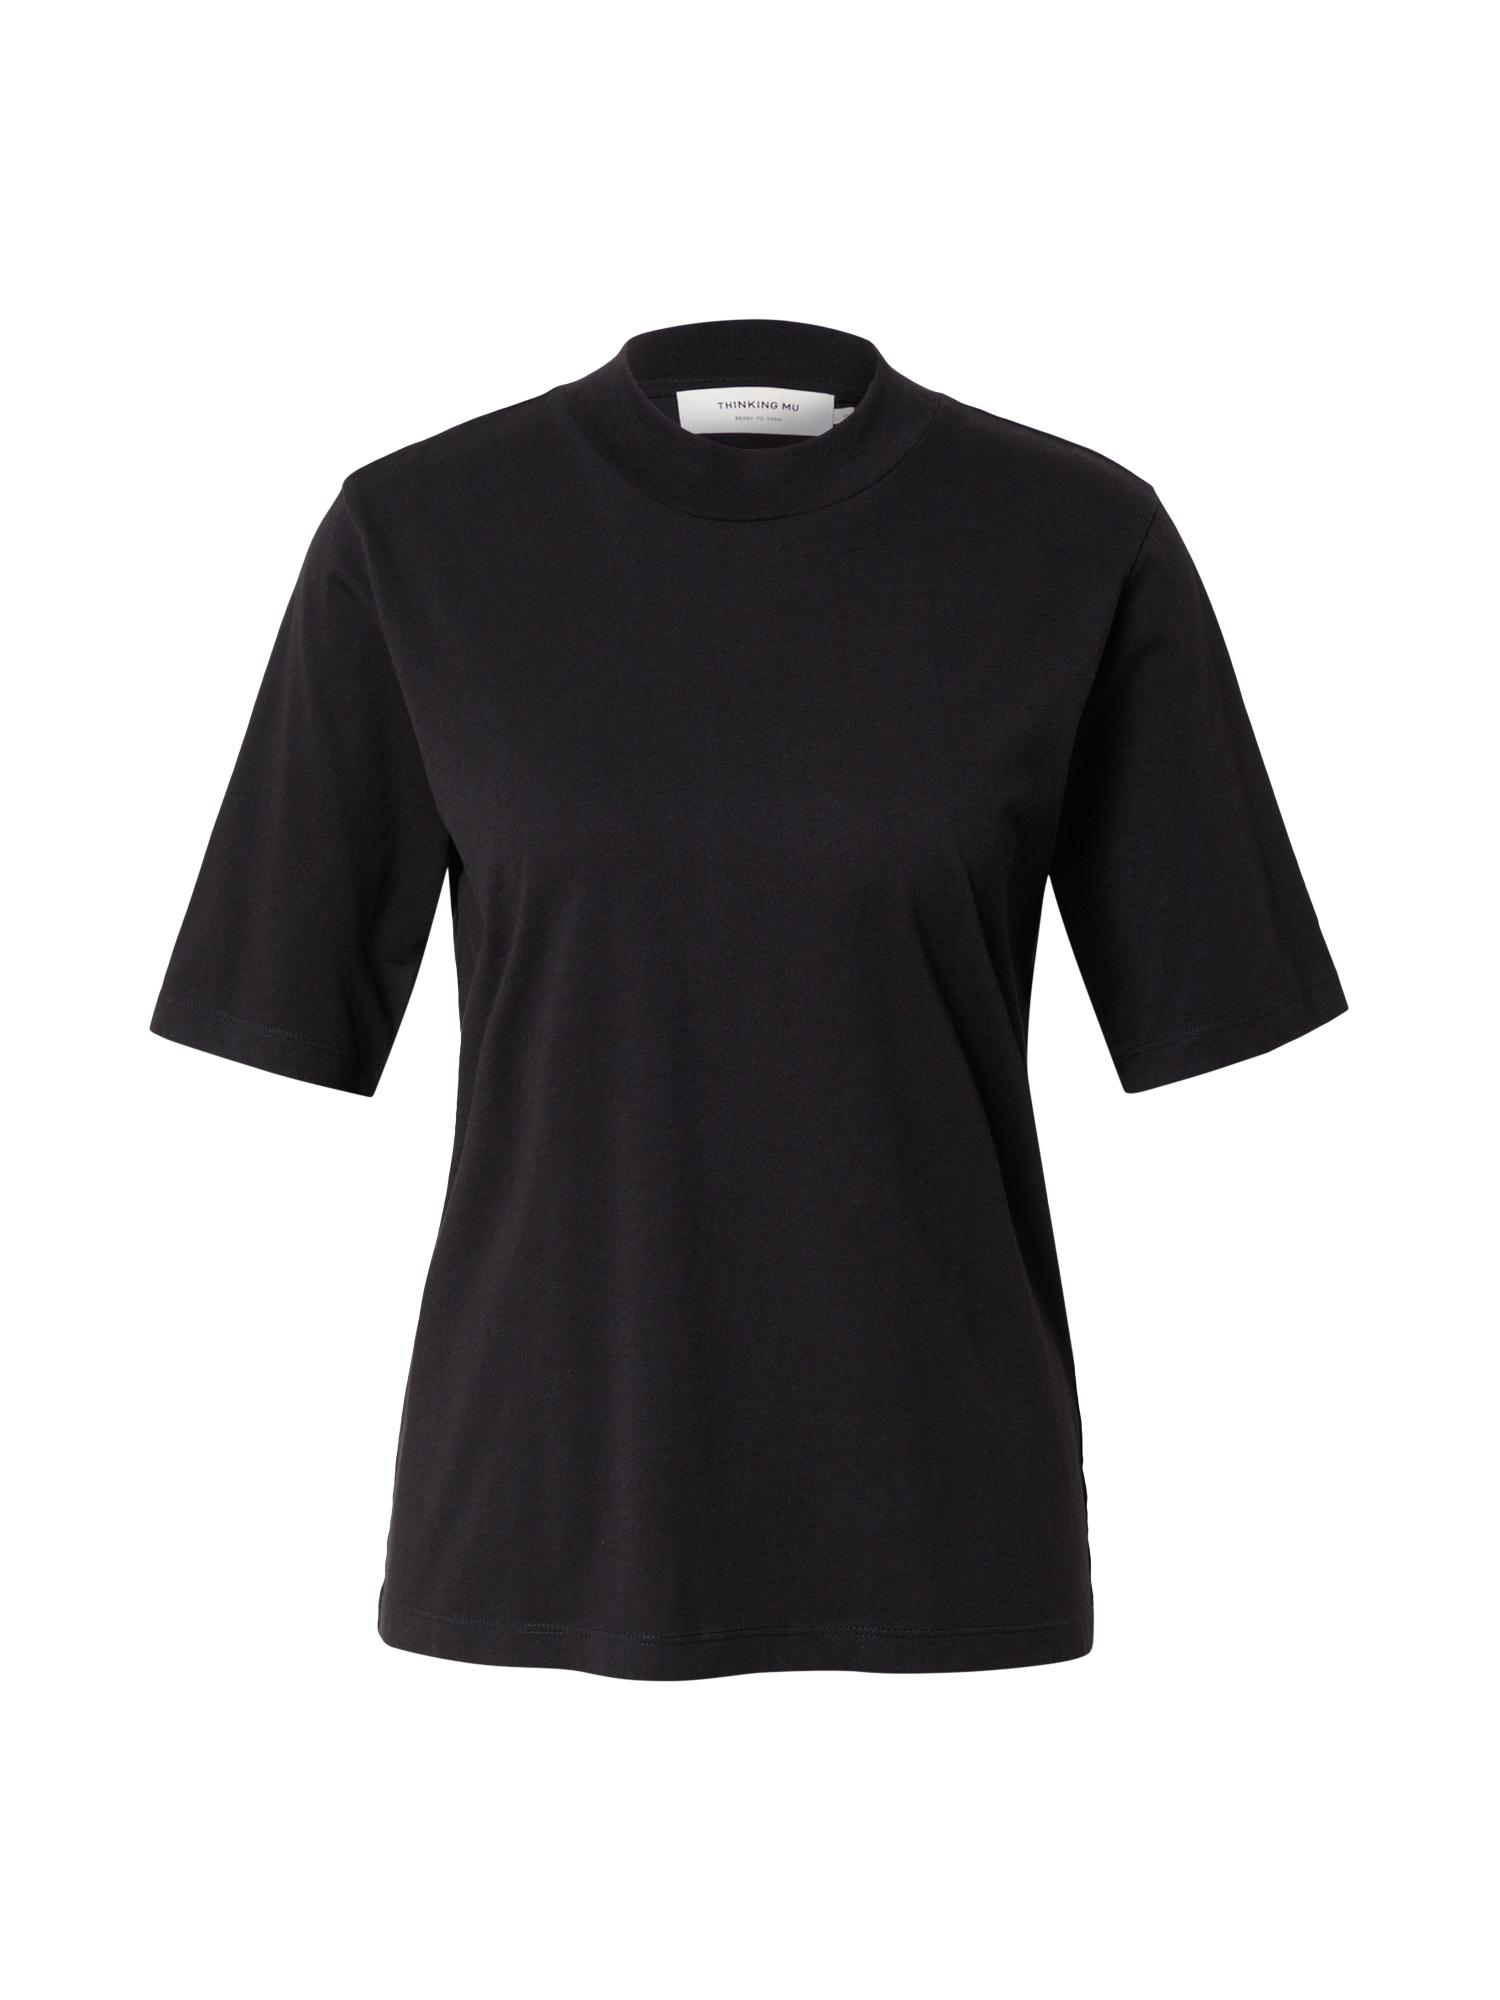 Thinking MU Marškinėliai juoda